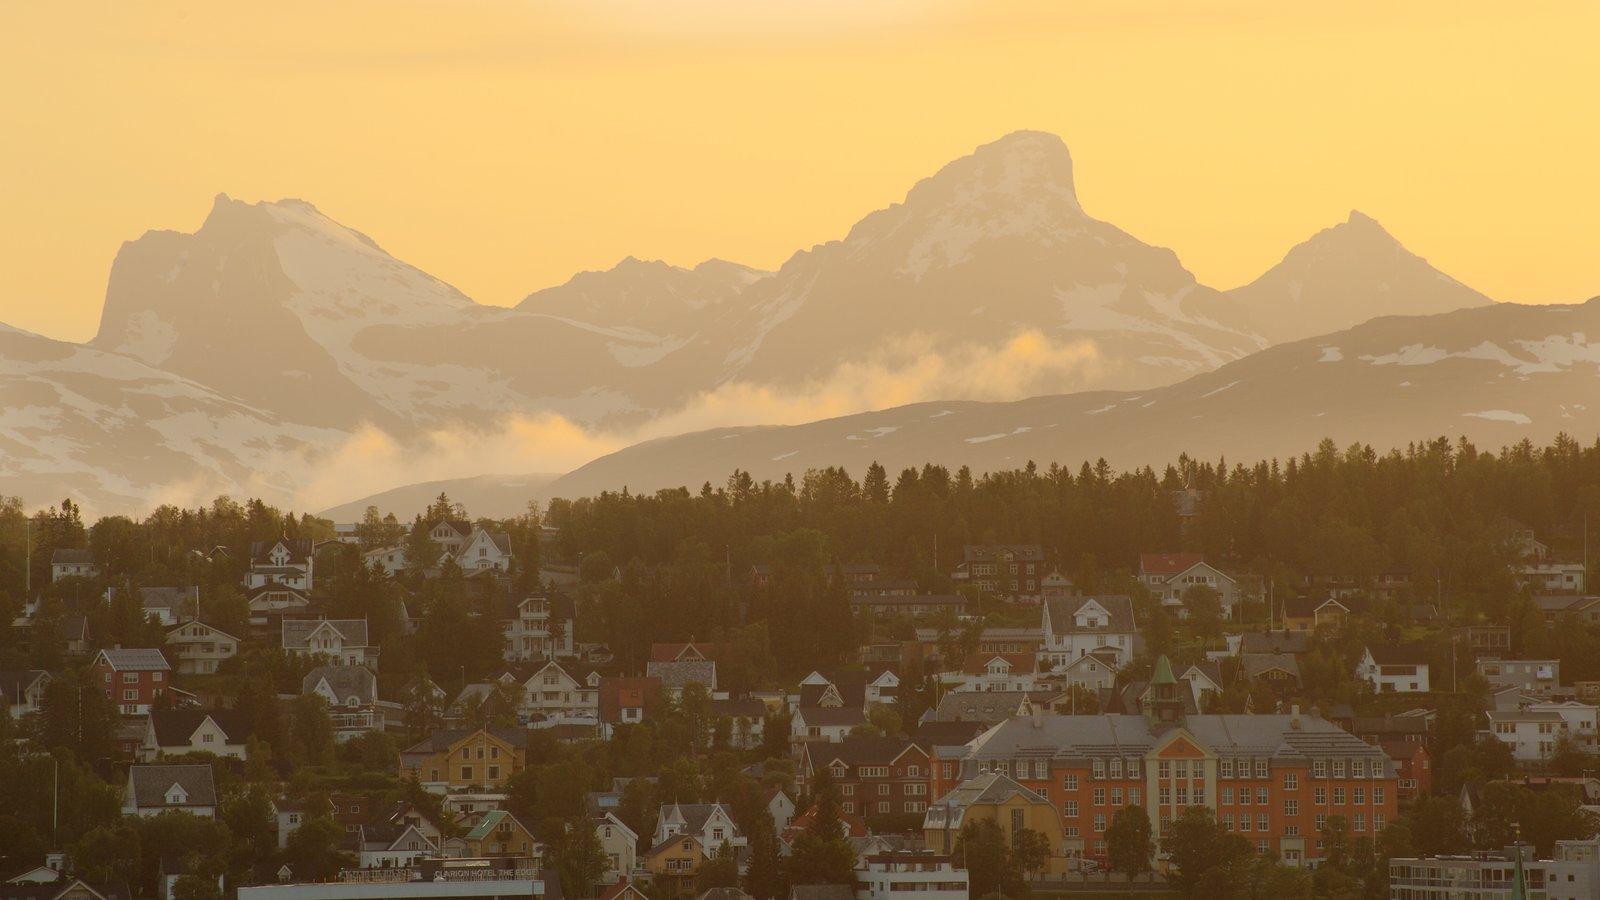 Tromso que inclui um pôr do sol, uma cidade pequena ou vila e montanhas